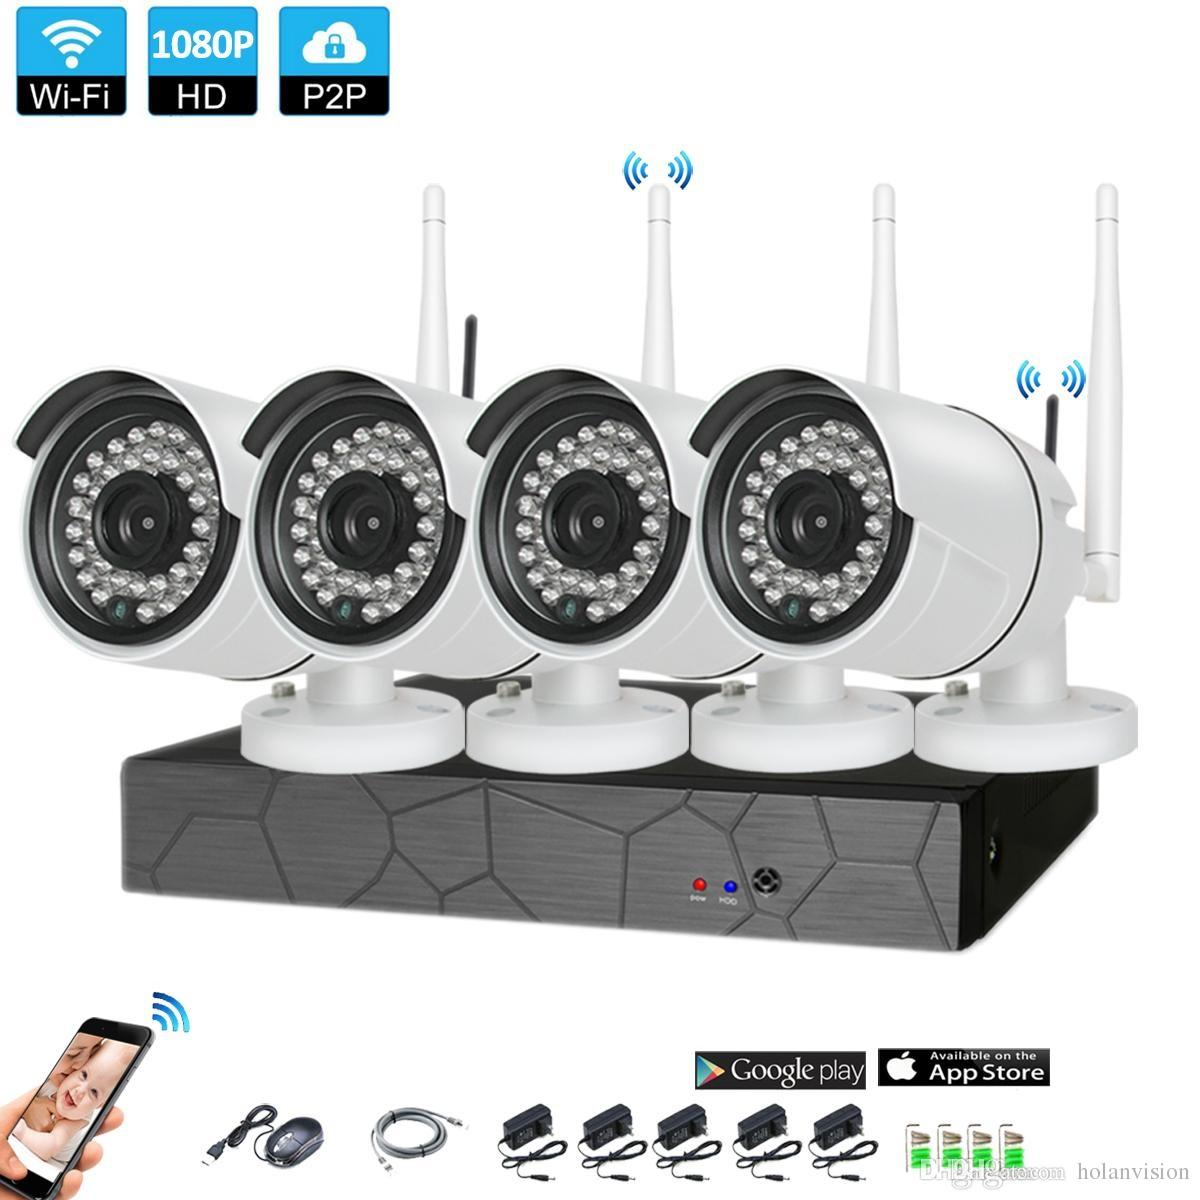 4CH نظام CCTV 1080P اللاسلكية NVR 4PCS 2.0MP IR P2P واي فاي IP CCTV الأمن كاميرا نظام مراقبة كيت